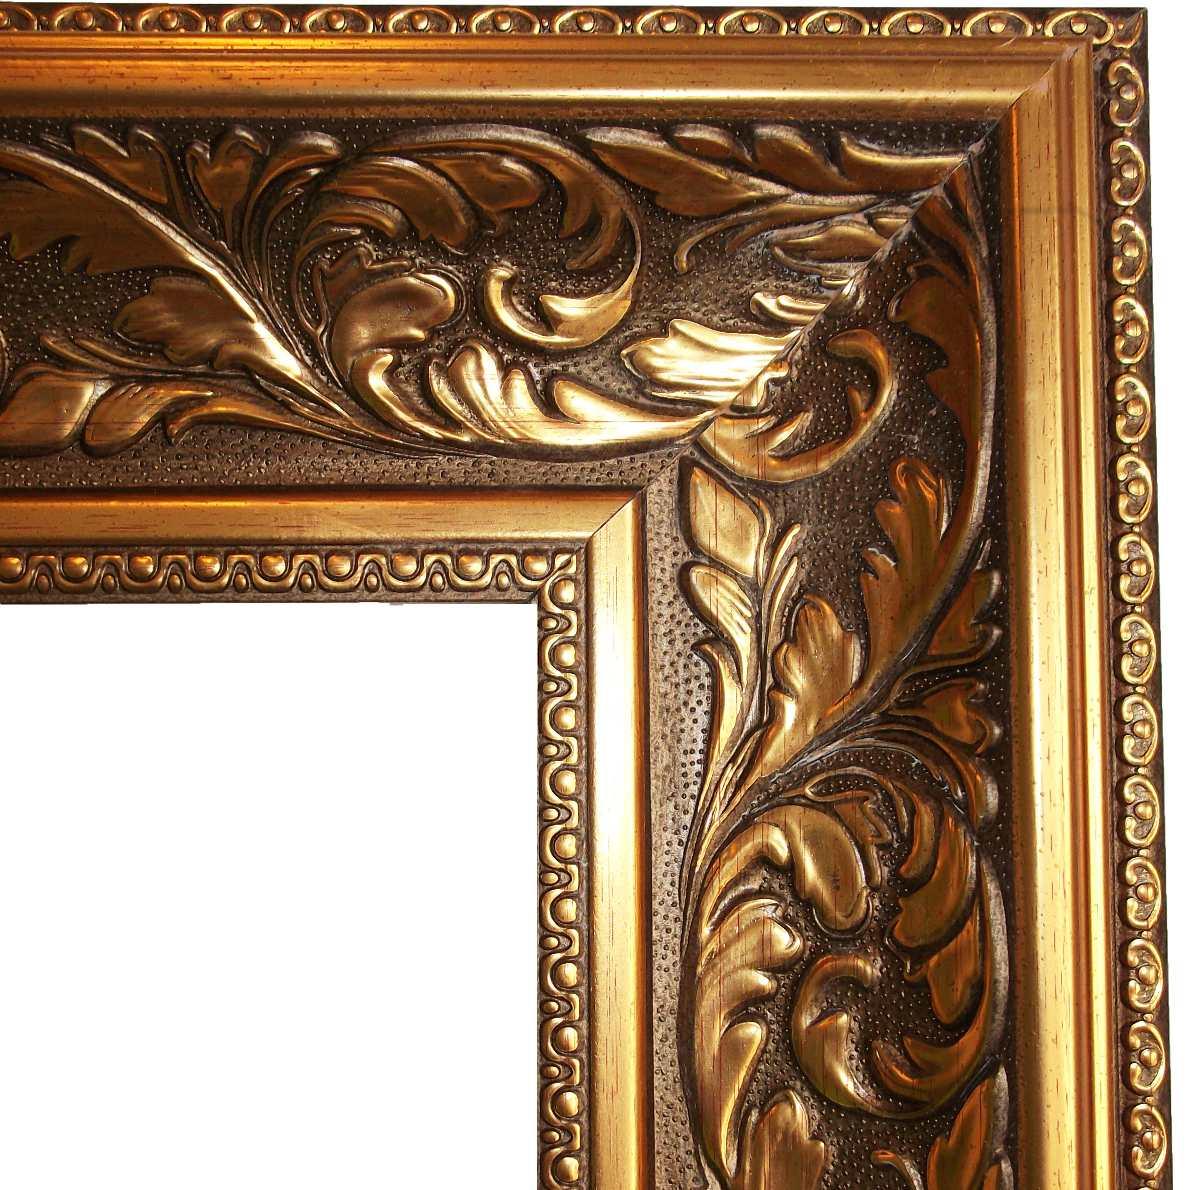 Marco rustico para espejo o pintura cuadro rustico 60 x 40 en mercado libre - Marcos rusticos para fotos ...